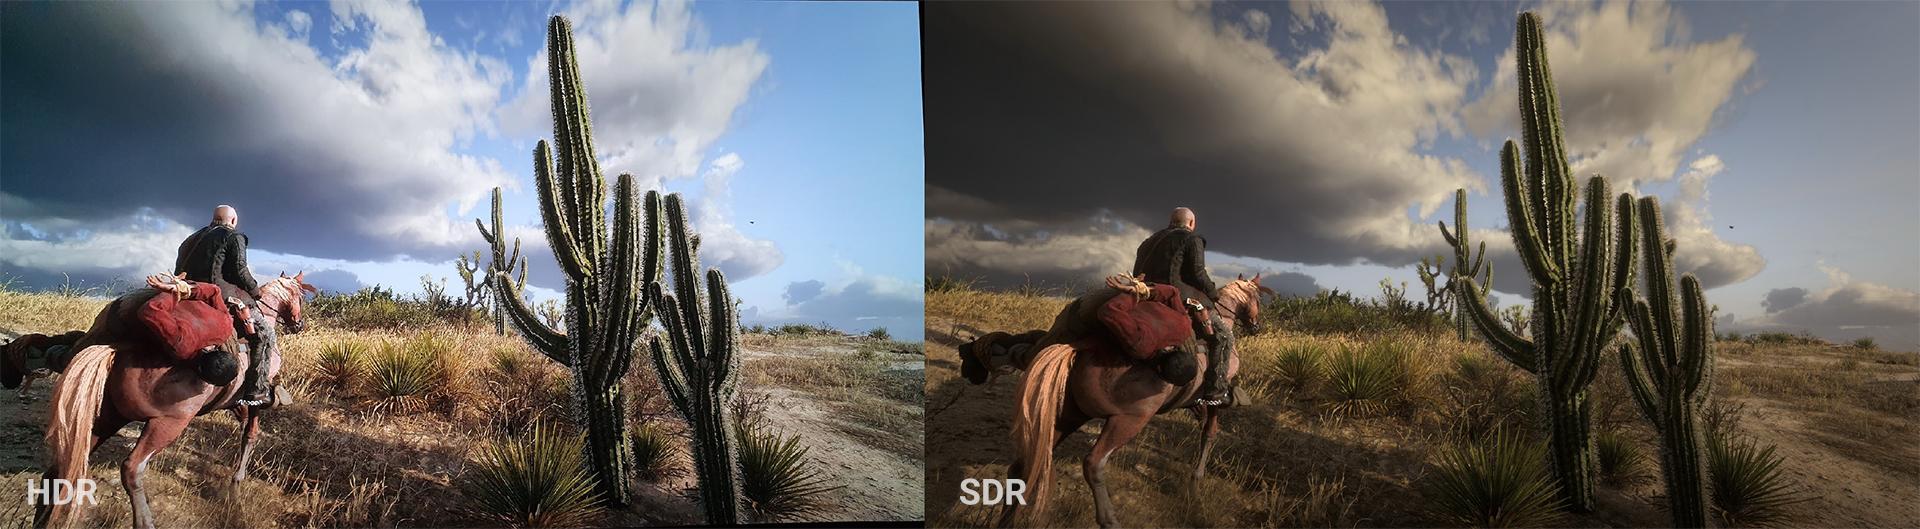 HDR vs SDR - Red Dead Redemption 2